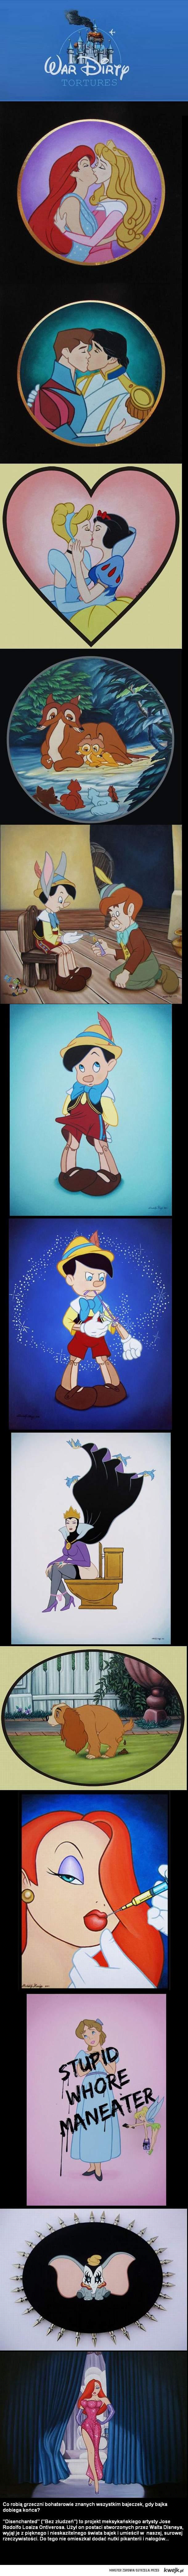 Niegrzeczni bohaterowie Disneya